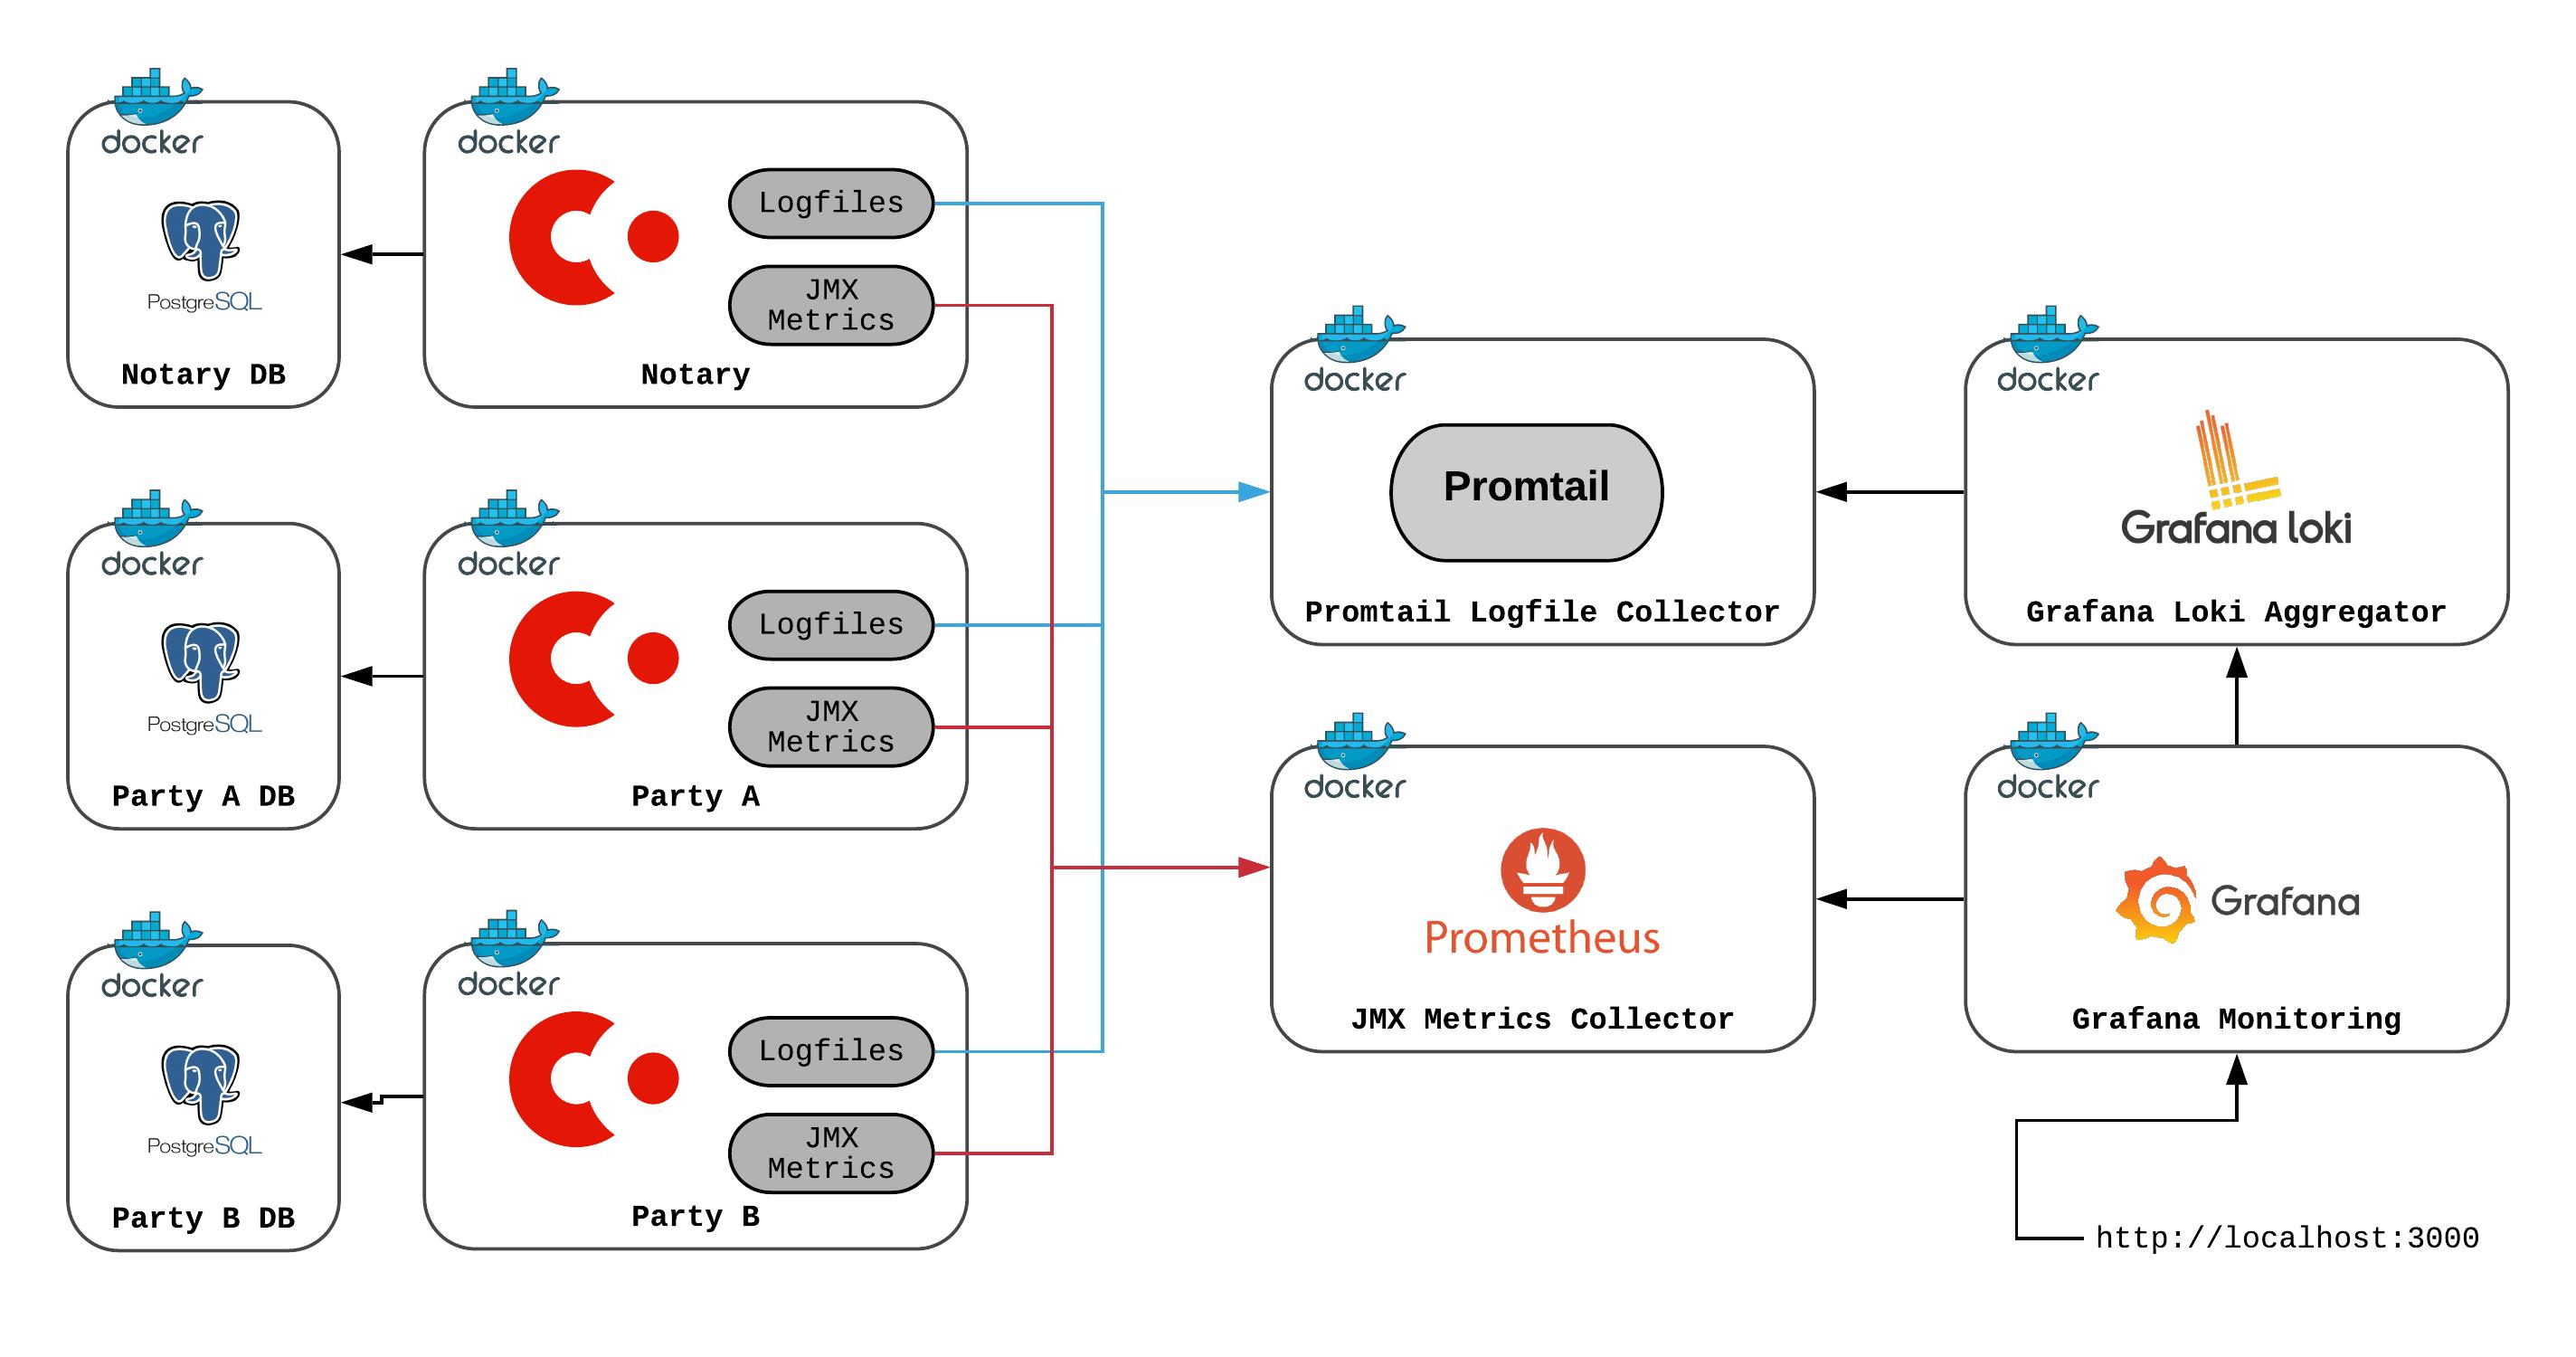 Deployment stack for Corda nodes